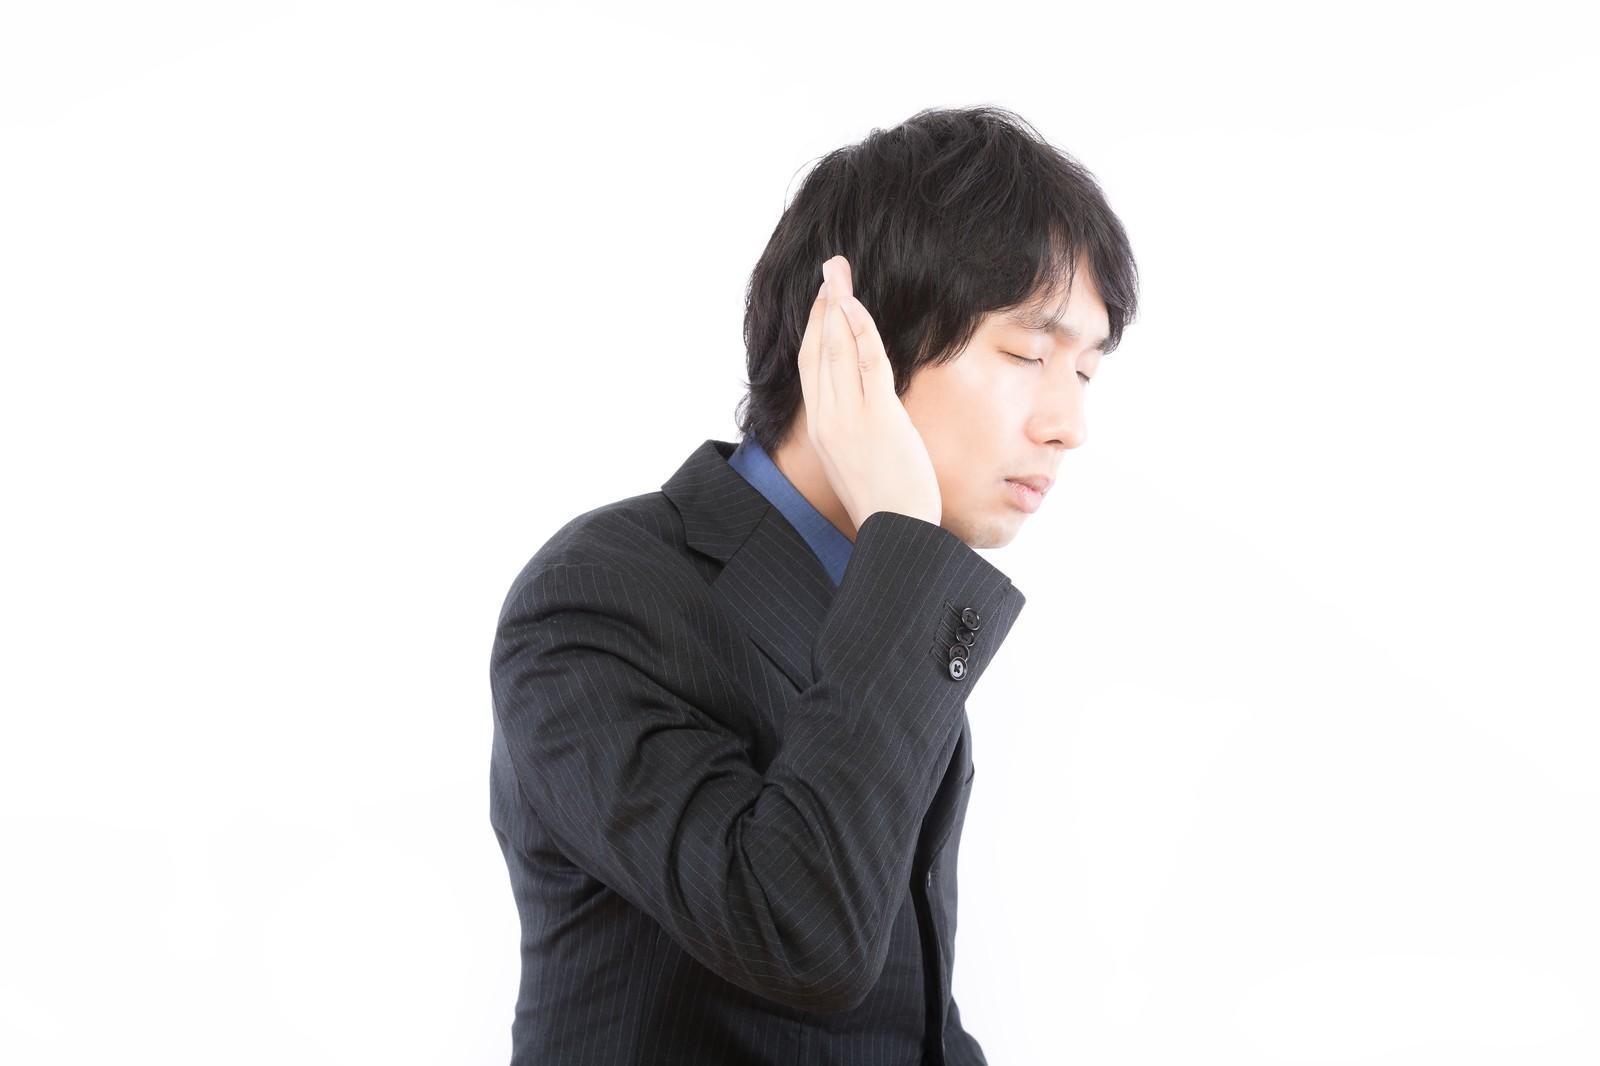 突発性難聴の原因は?治療、予防はどうすればいい?